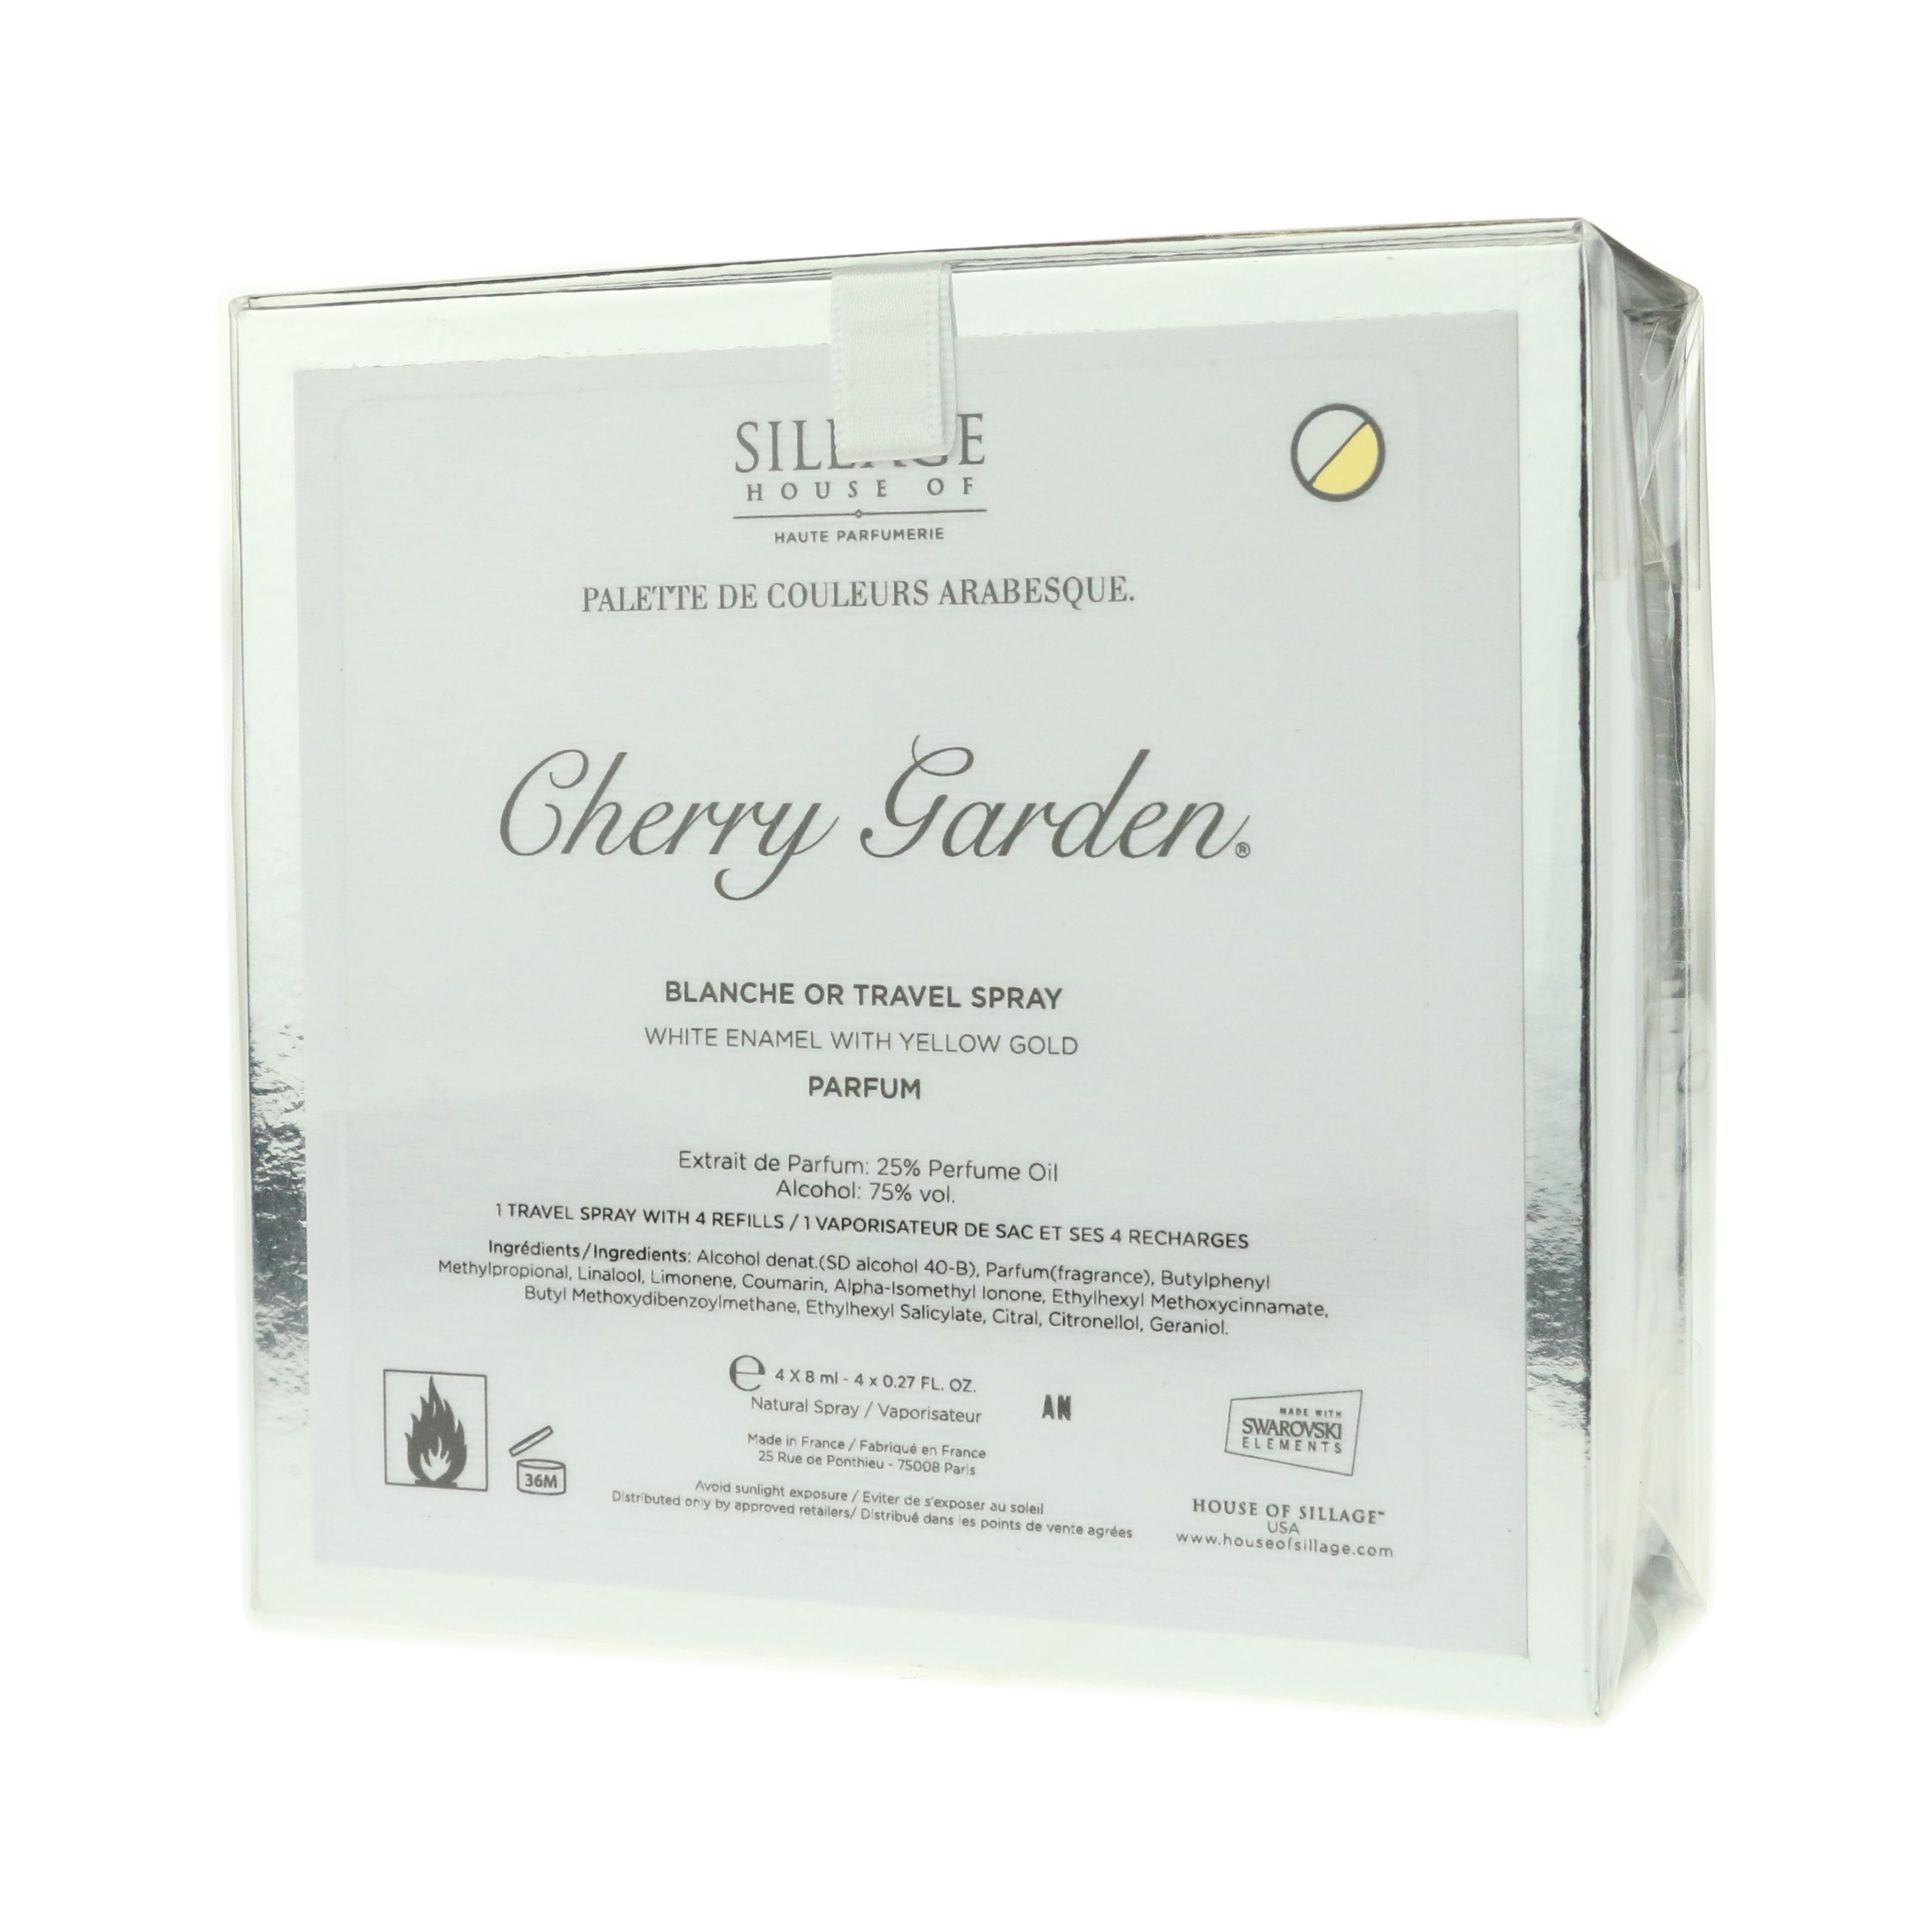 House Of Sillage 'Cherry Garden' Parfum Blanche Or Travel...